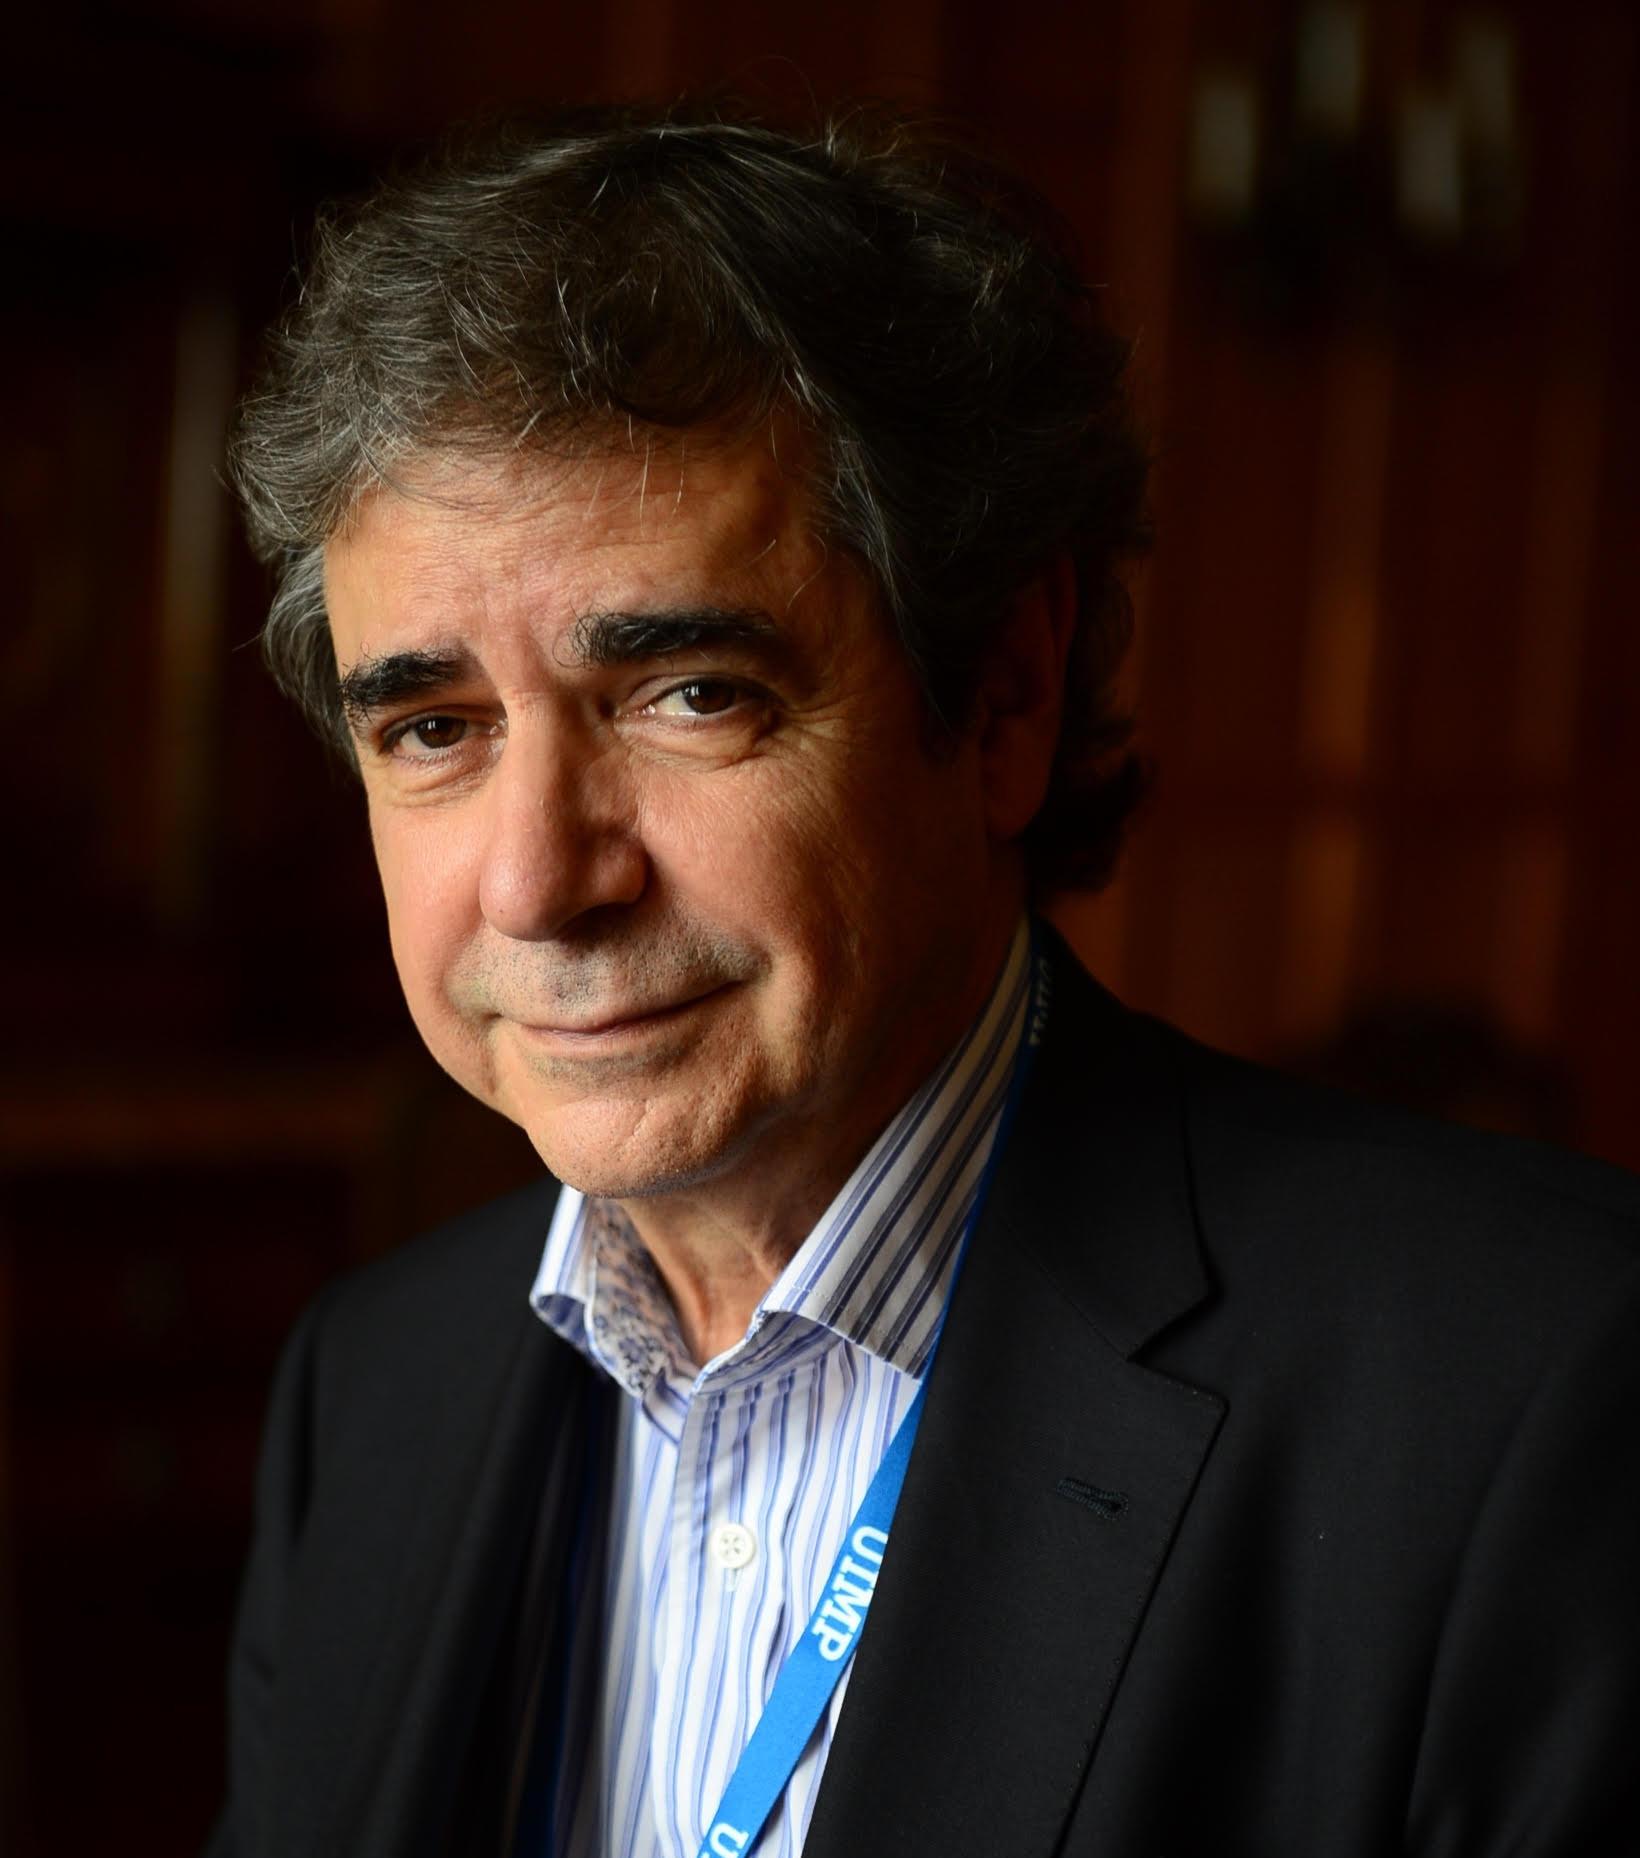 Mariano Díaz-Miguel